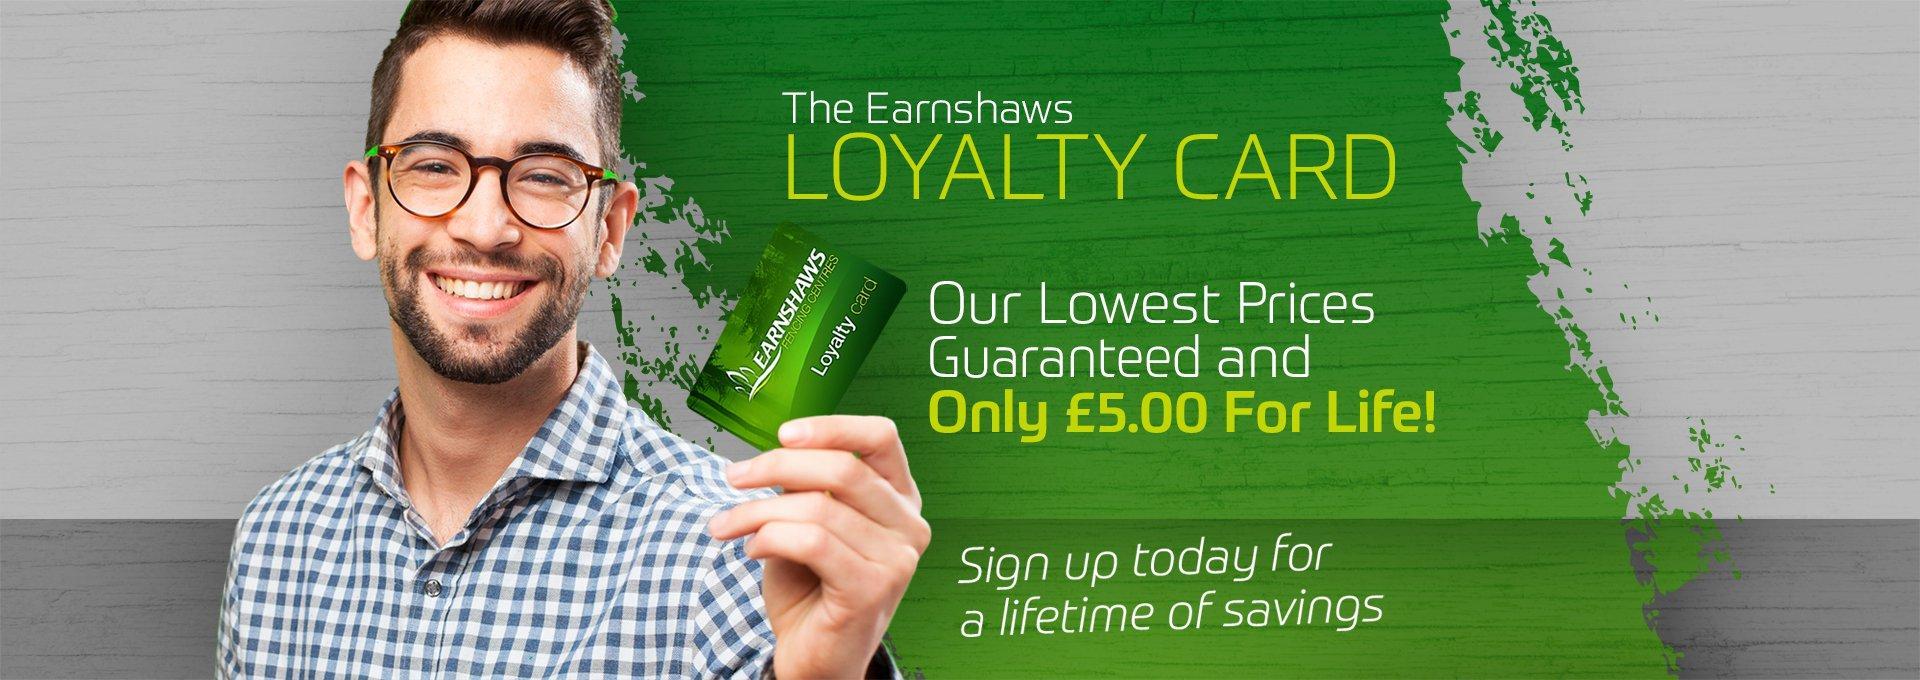 Earnshaws Loyalty Card for Lifetime Savings